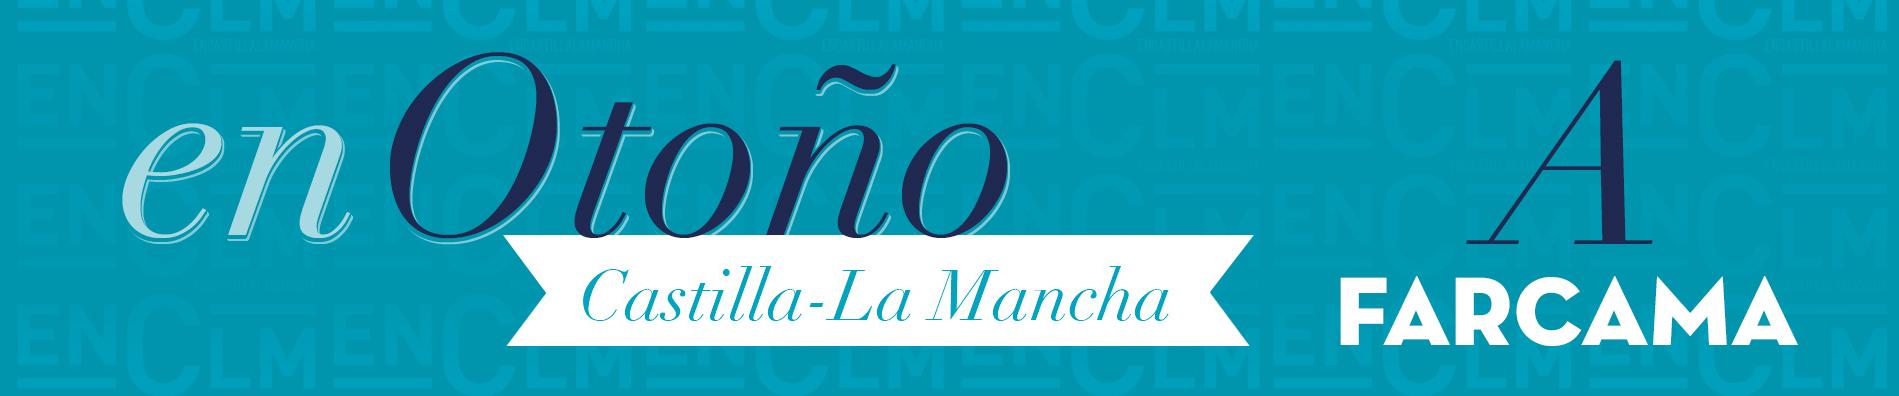 en_otono_castilla_la_mancha